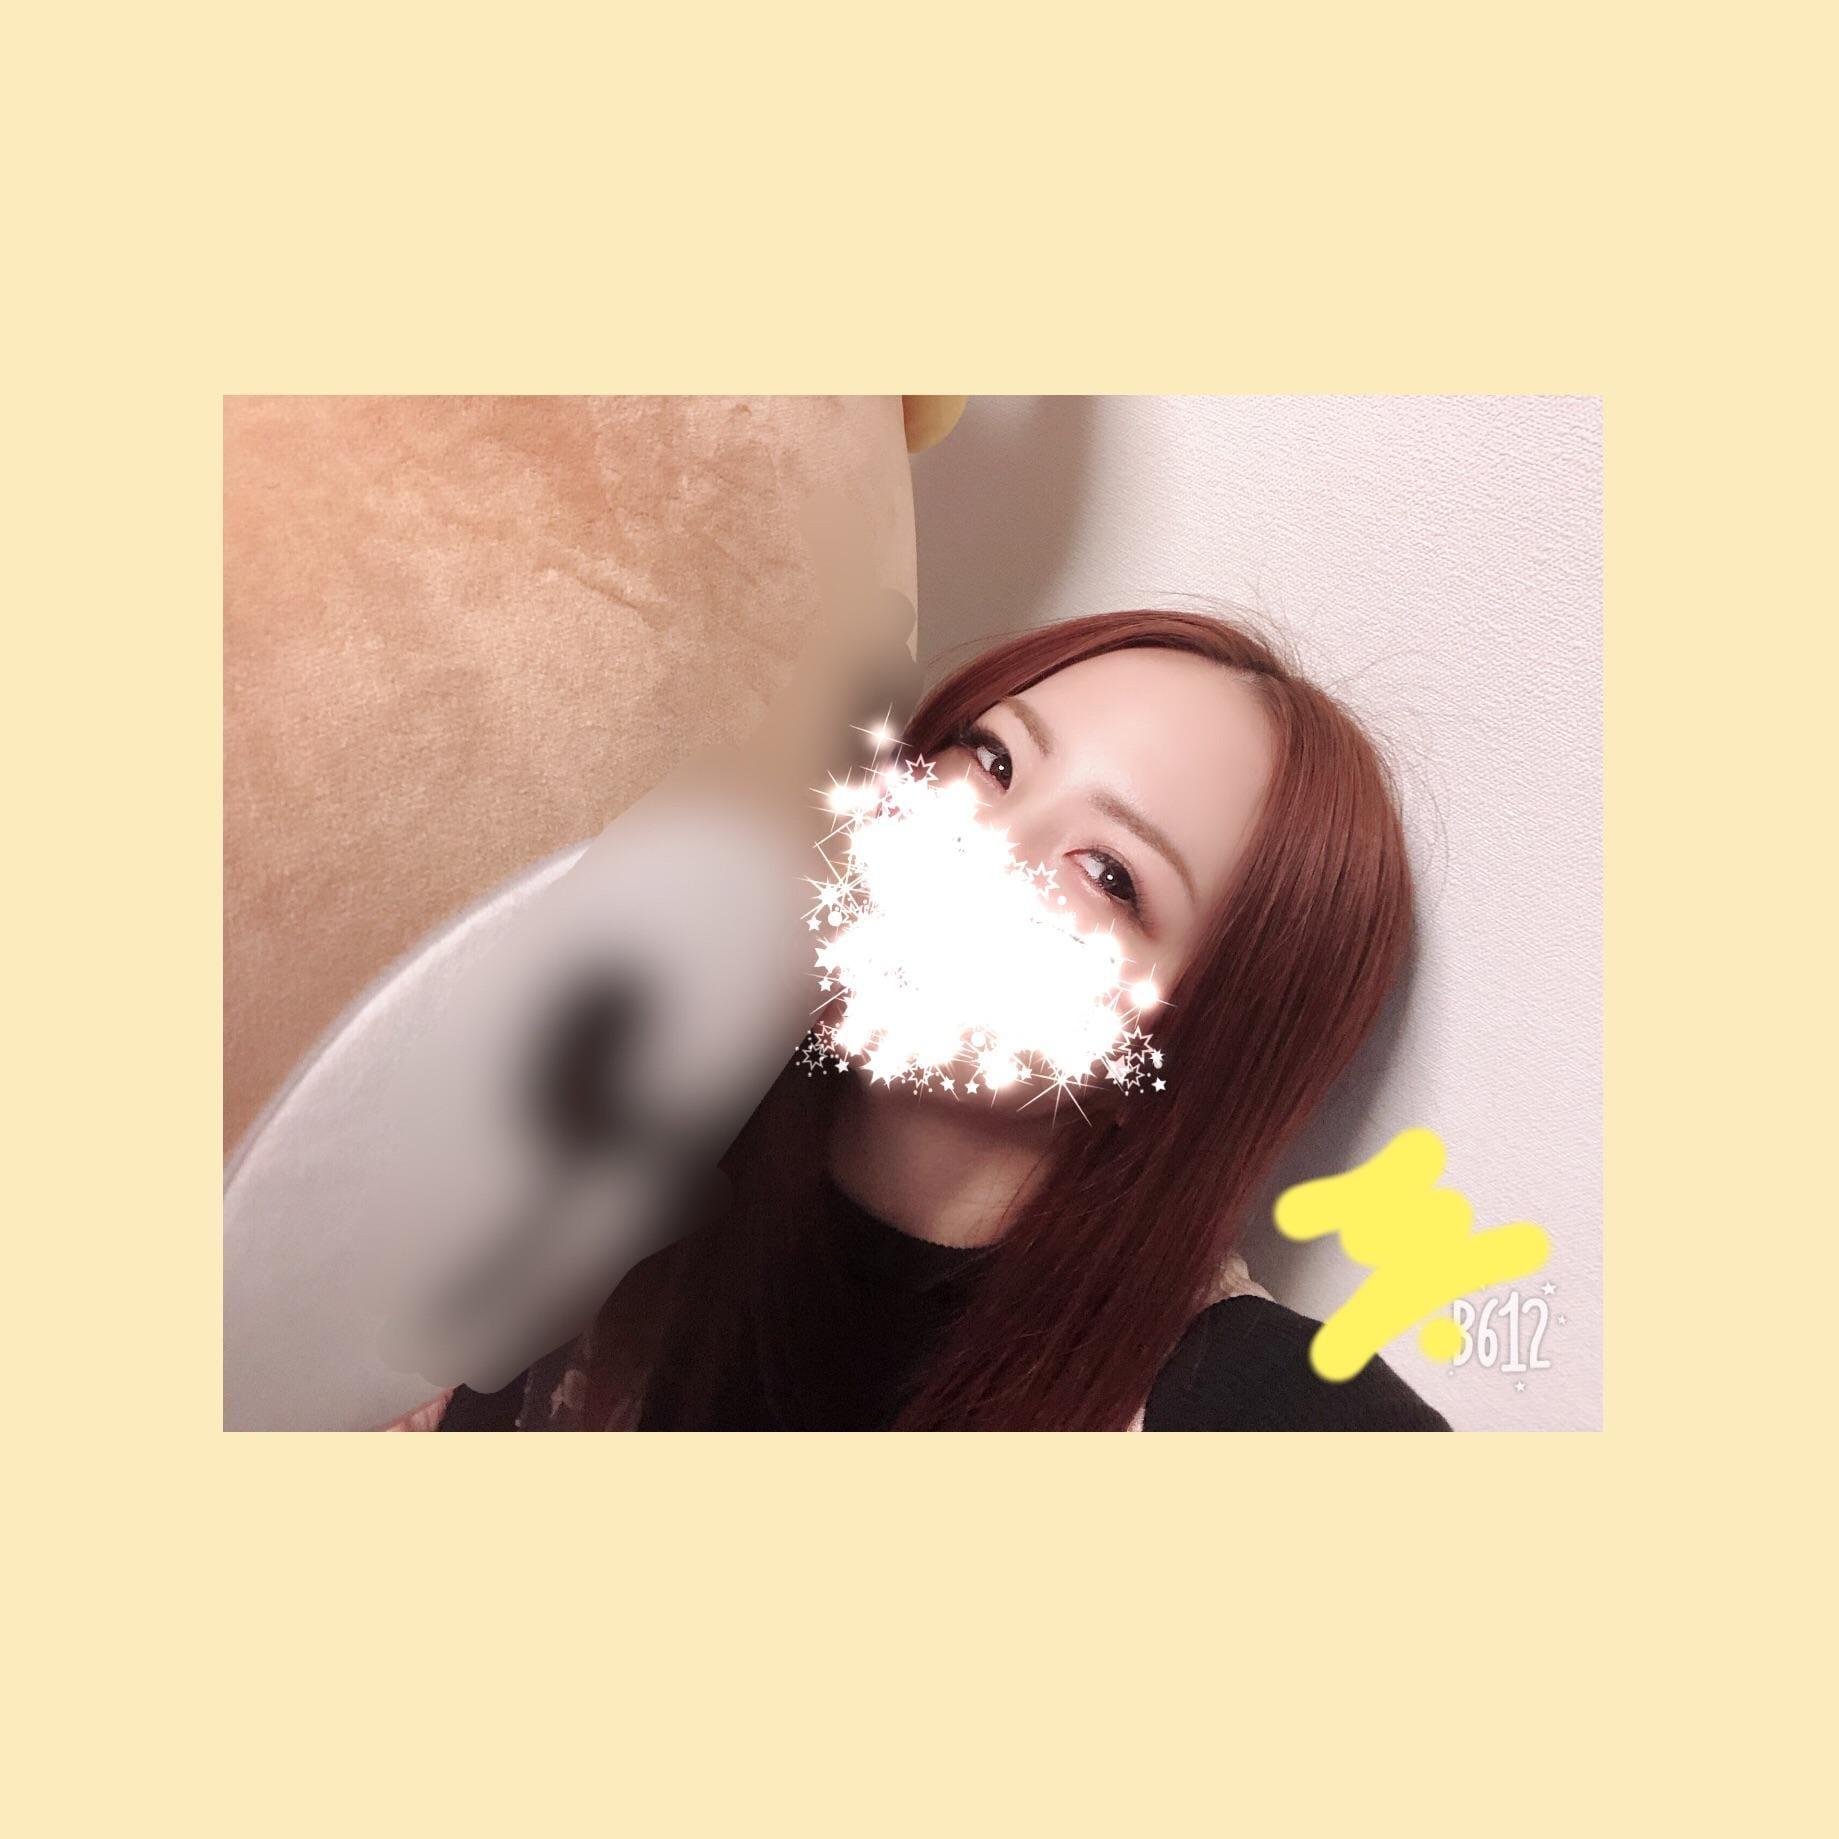 「出勤してます☆」10/17(10/17) 19:51 | ゆずの写メ・風俗動画